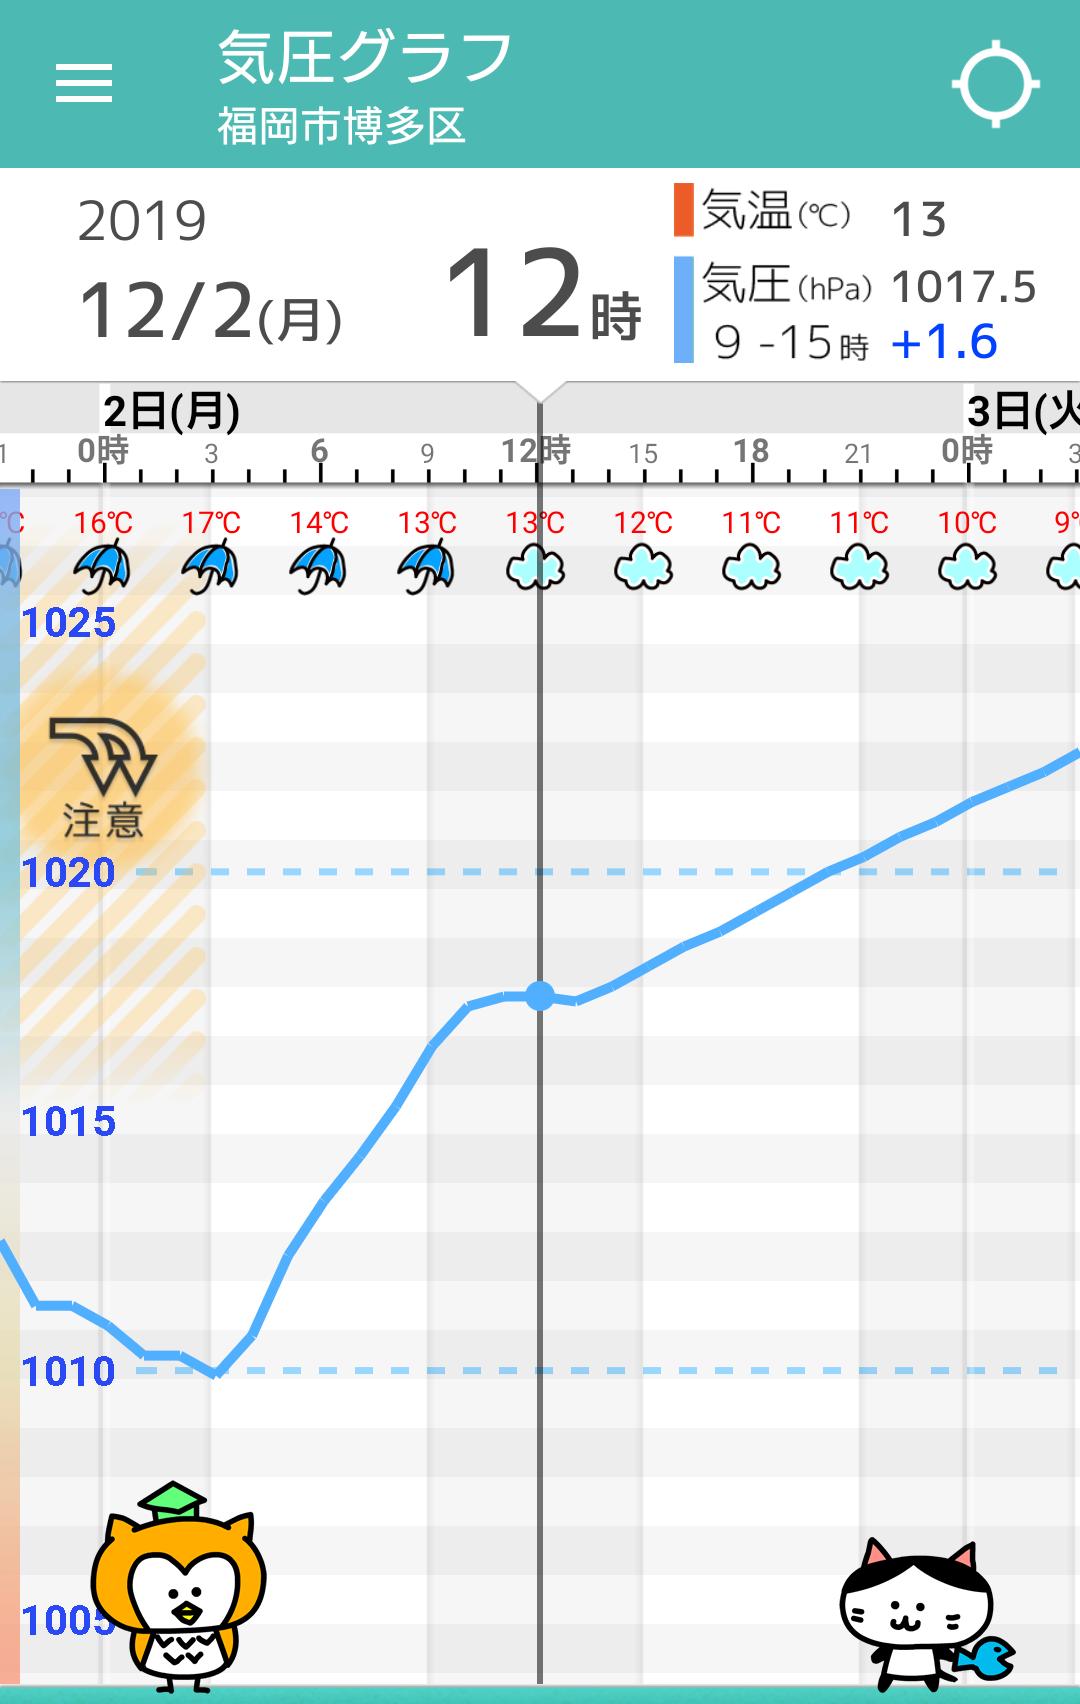 12月02日(月)の天気頭痛予報 | 毎日の天気頭痛予報 | 頭痛ーる:気圧 ...